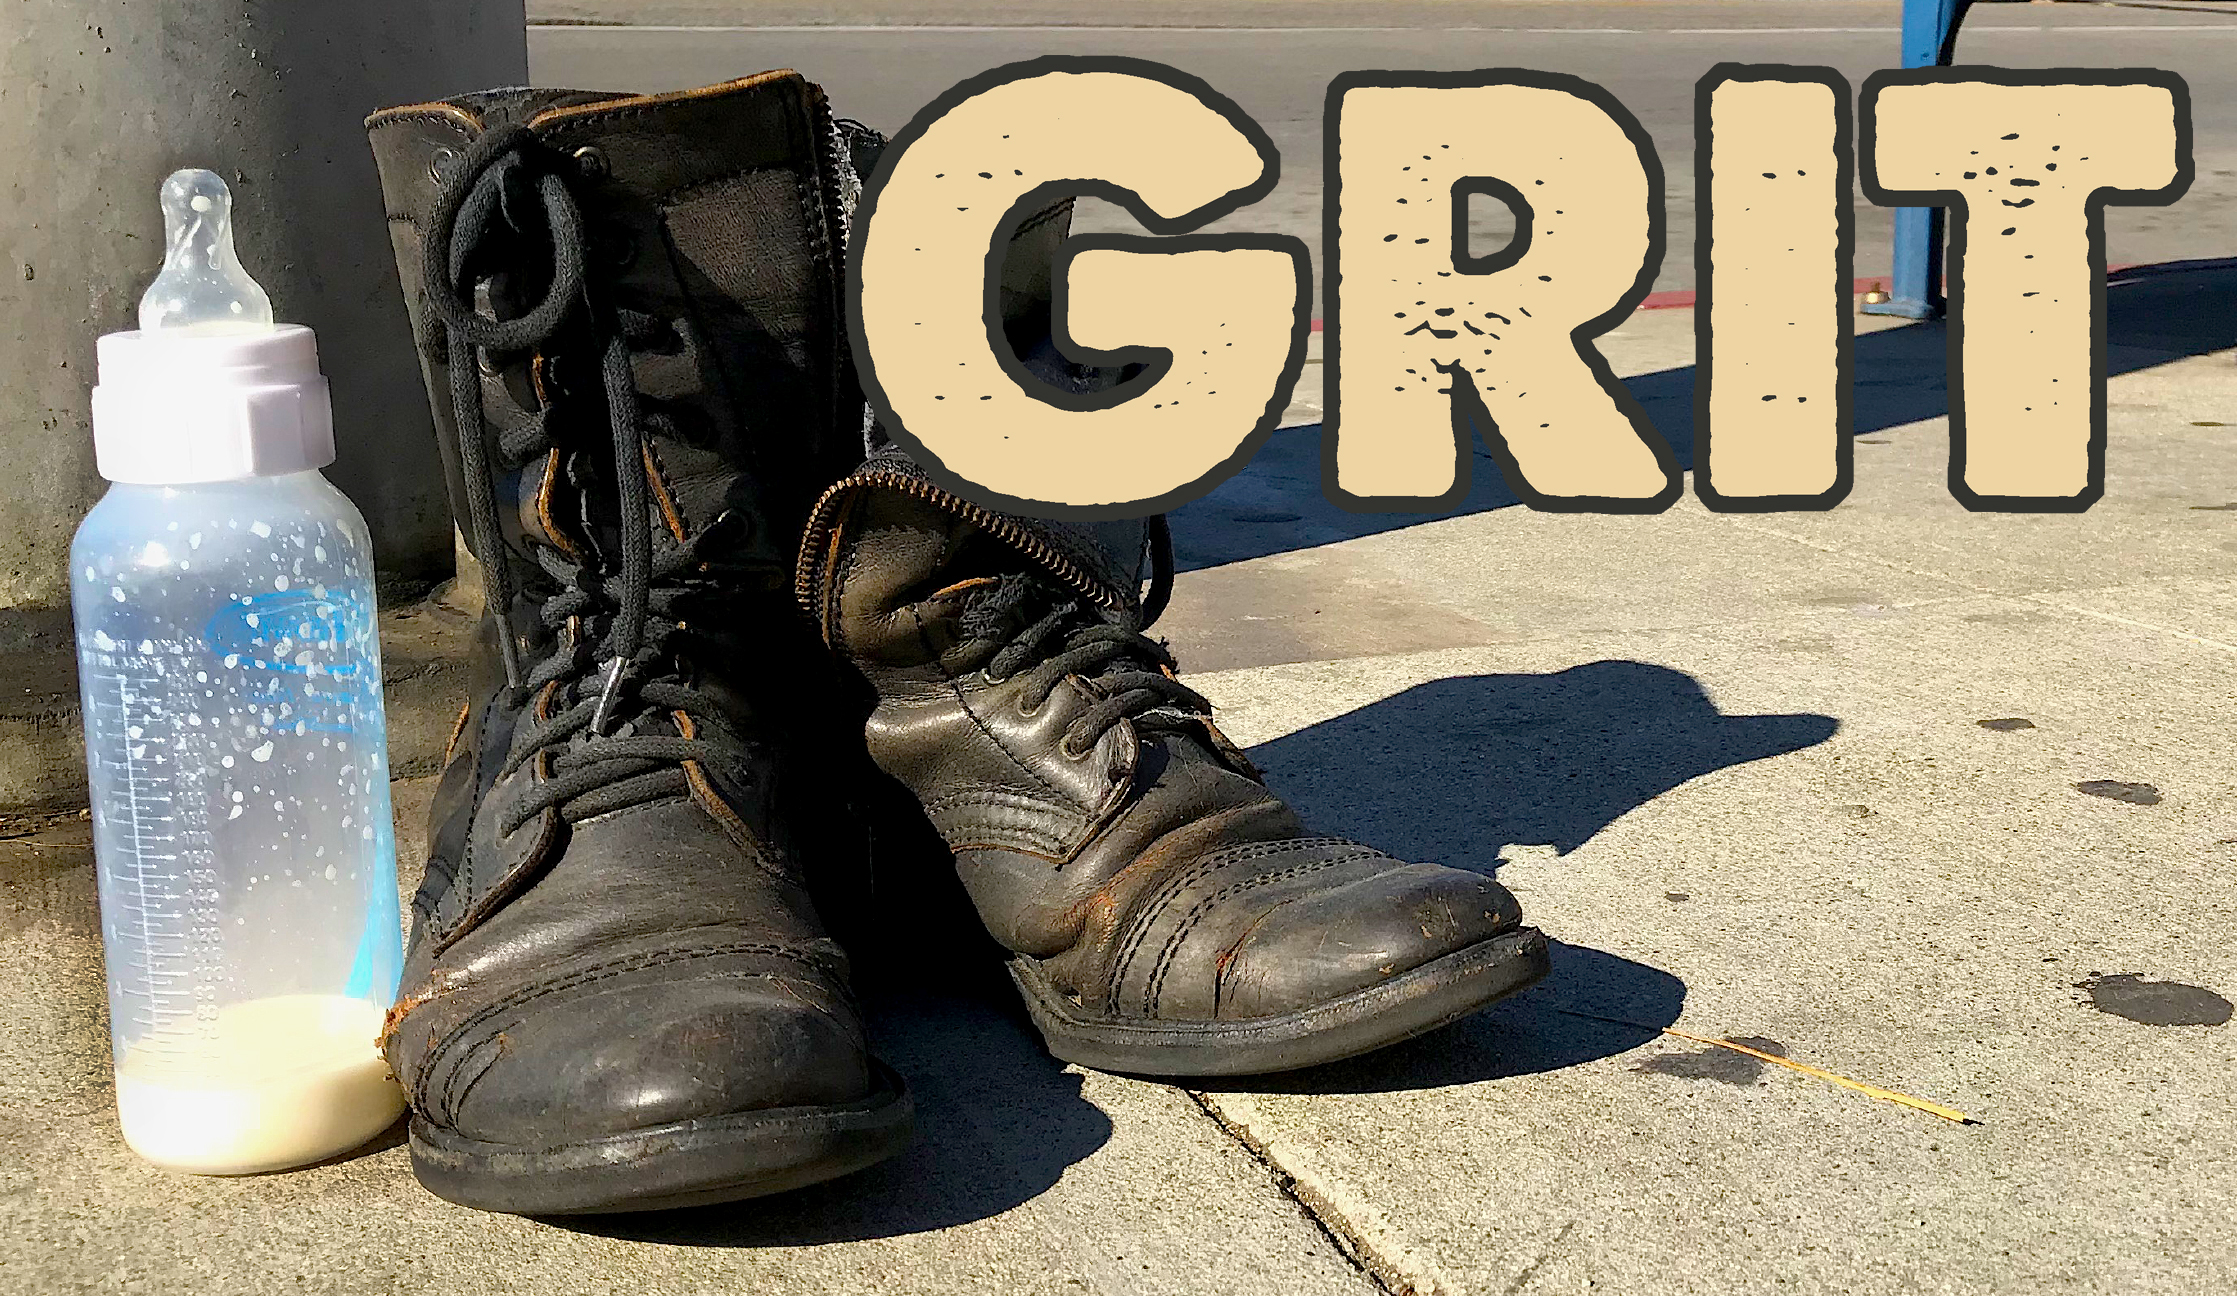 GRIT RECTANGLE.jpg